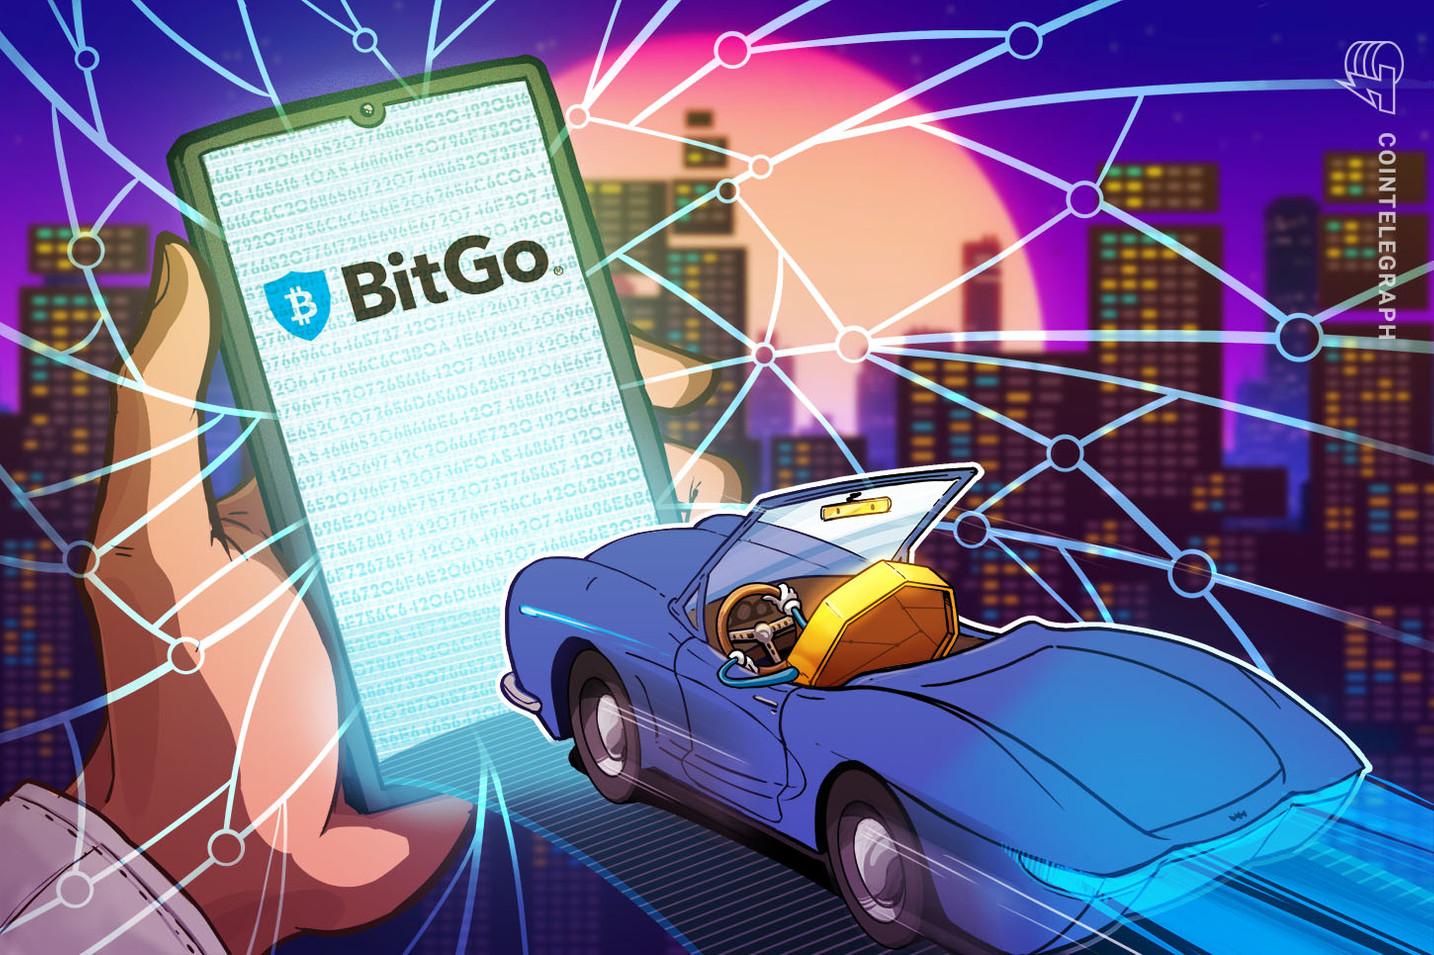 Ativos da BitGo chegam a US$ 16 bilhões à medida que a adoção institucional cresce